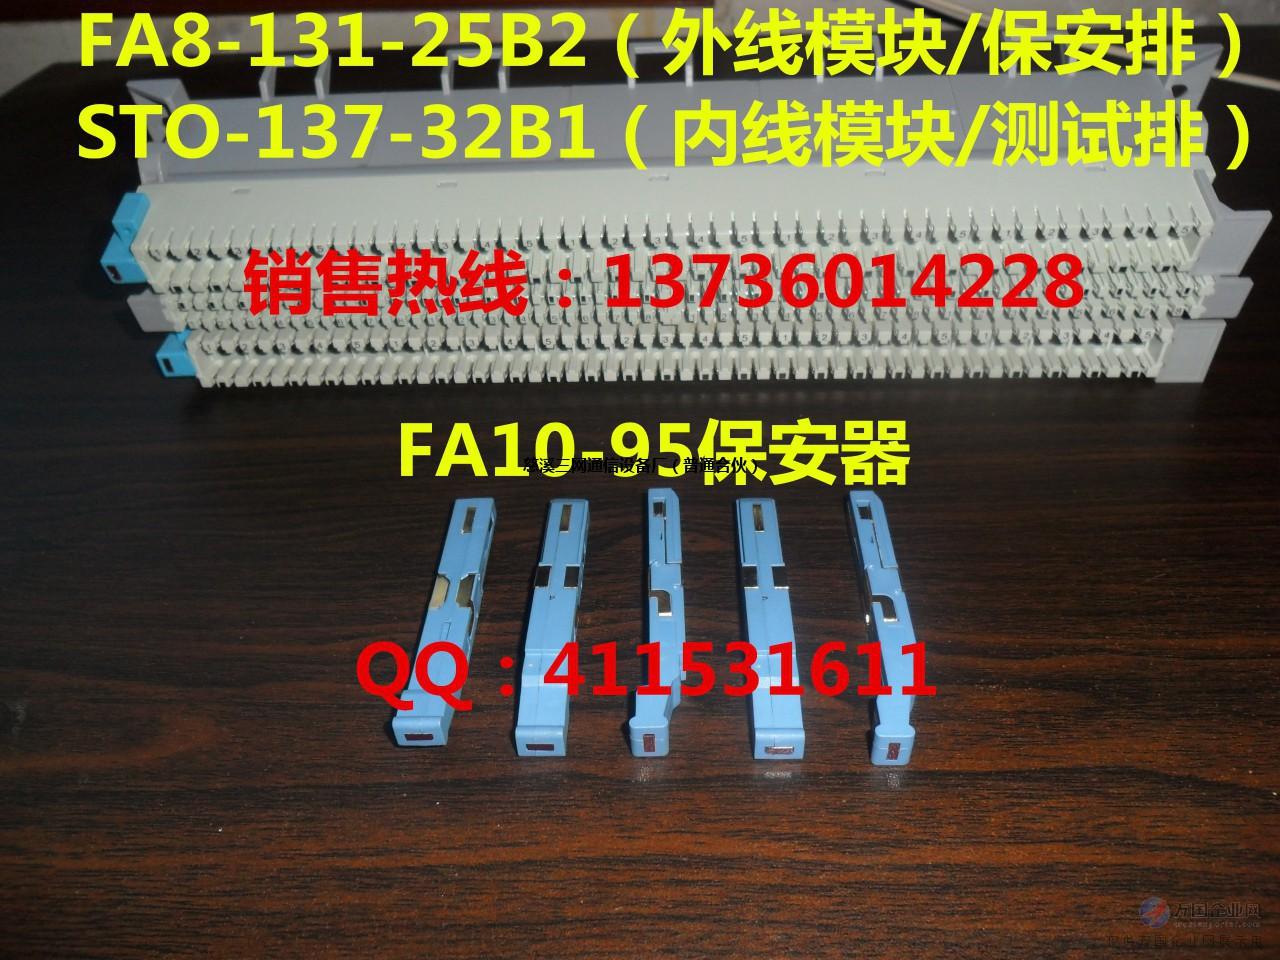 世纪人32回线测试排(STO-137-32B1模块)